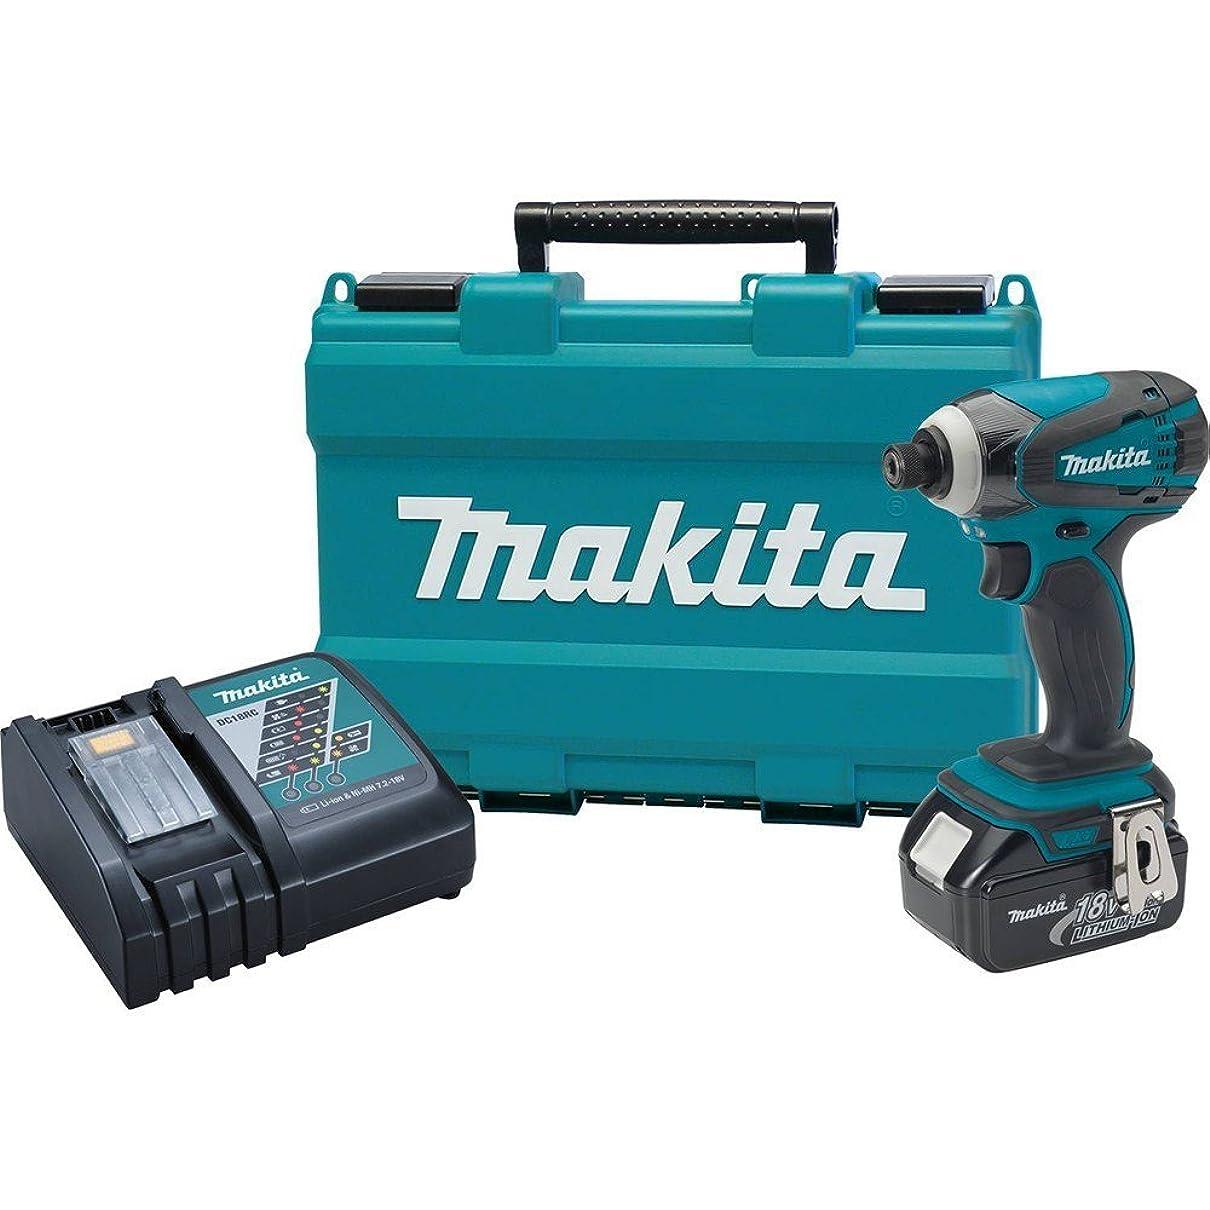 財布寄付するすずめMakita XDT042 18V LXT Lithium-Ion Cordless Impact Driver Kit by Makita [並行輸入品]